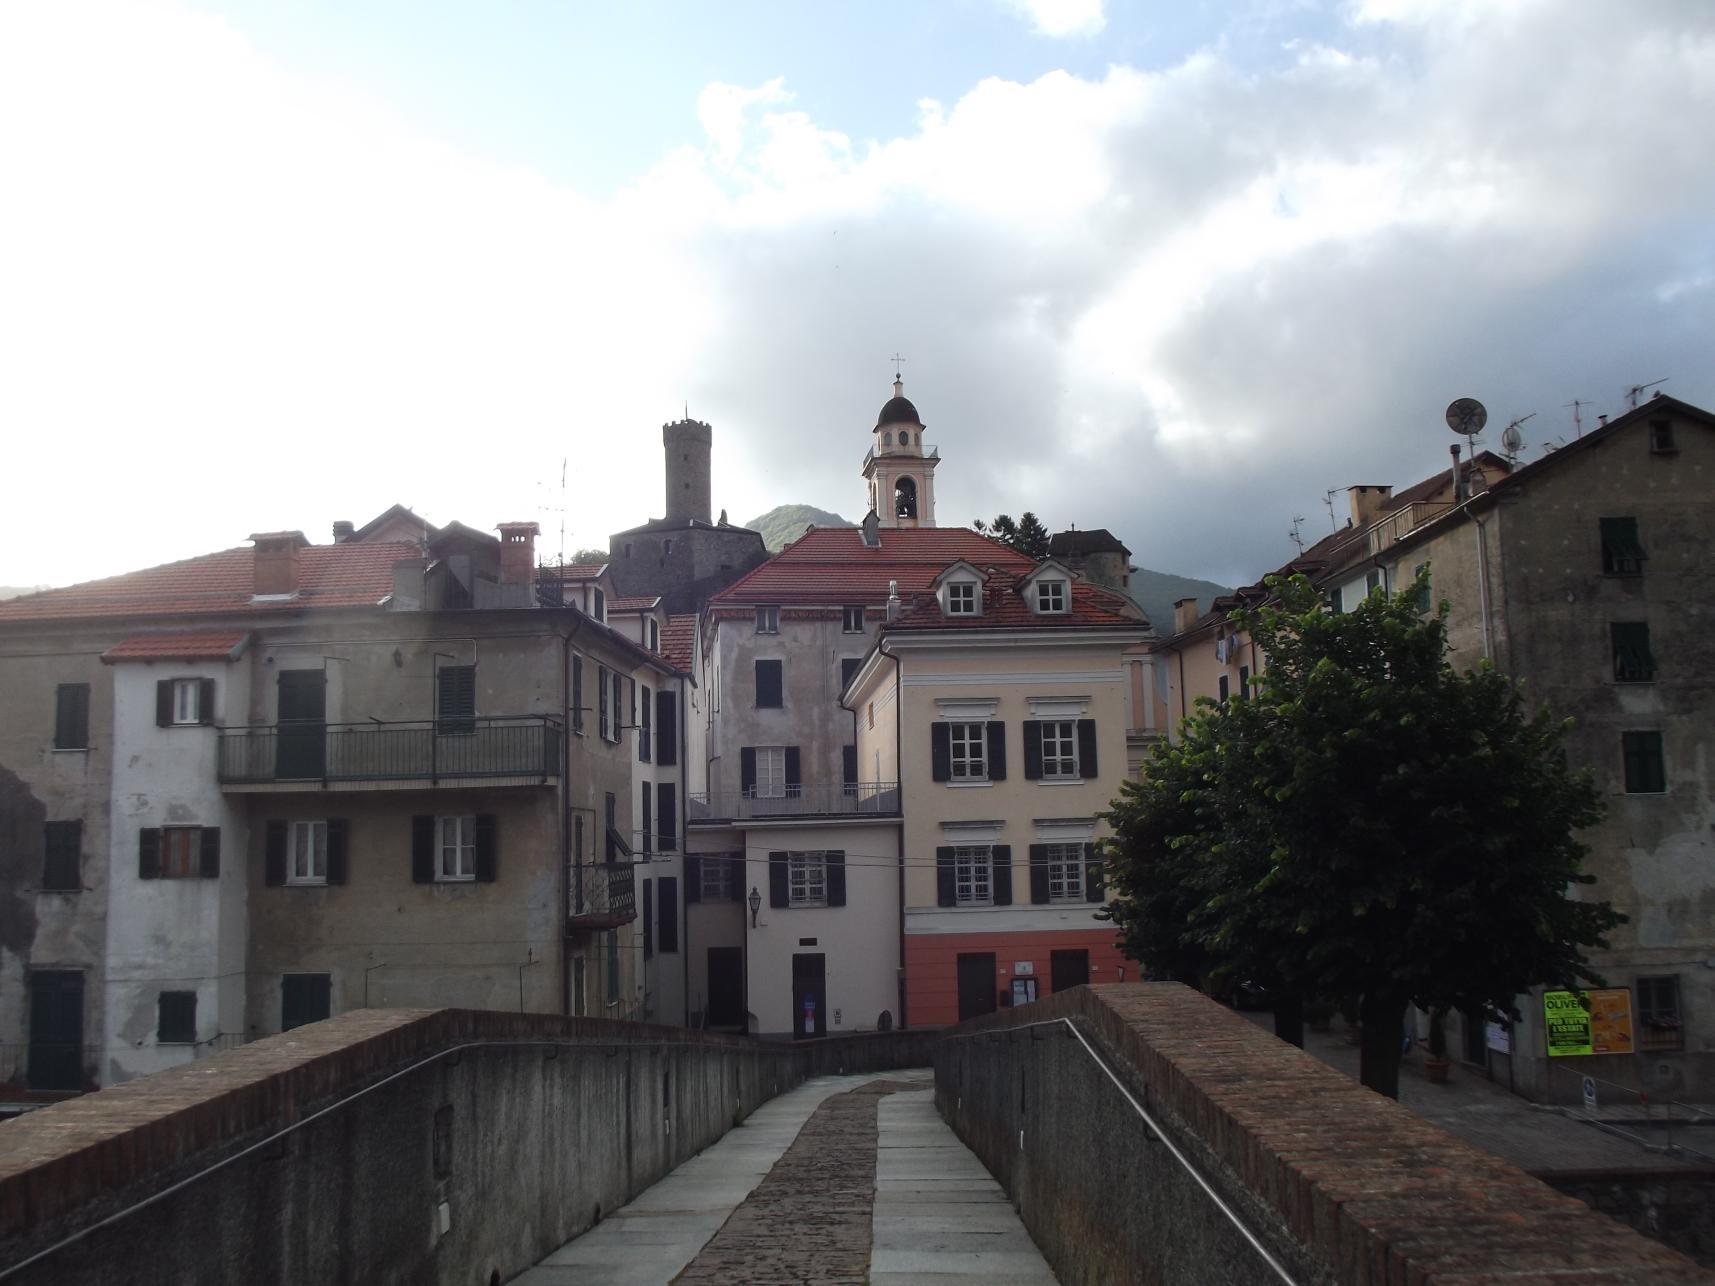 Múzeum, templom, vár a hídról